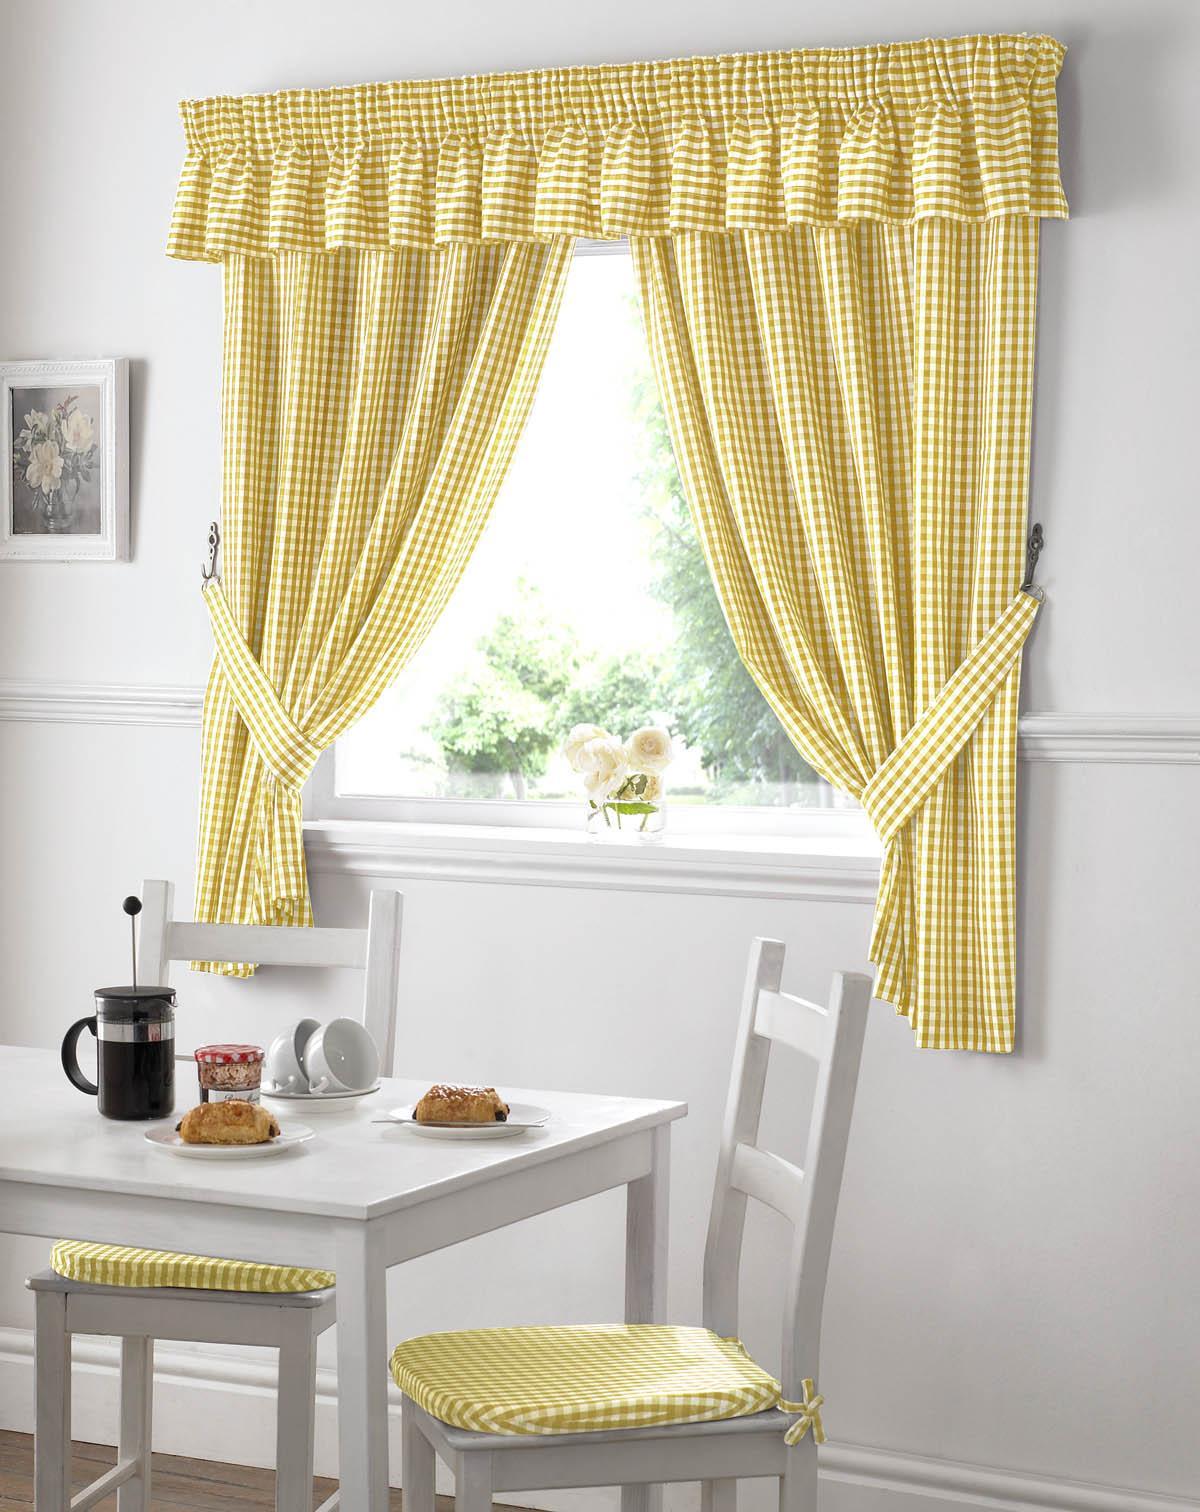 Kuhinja će izgledati toplije sa prozračnim žuto-belim zavesama.